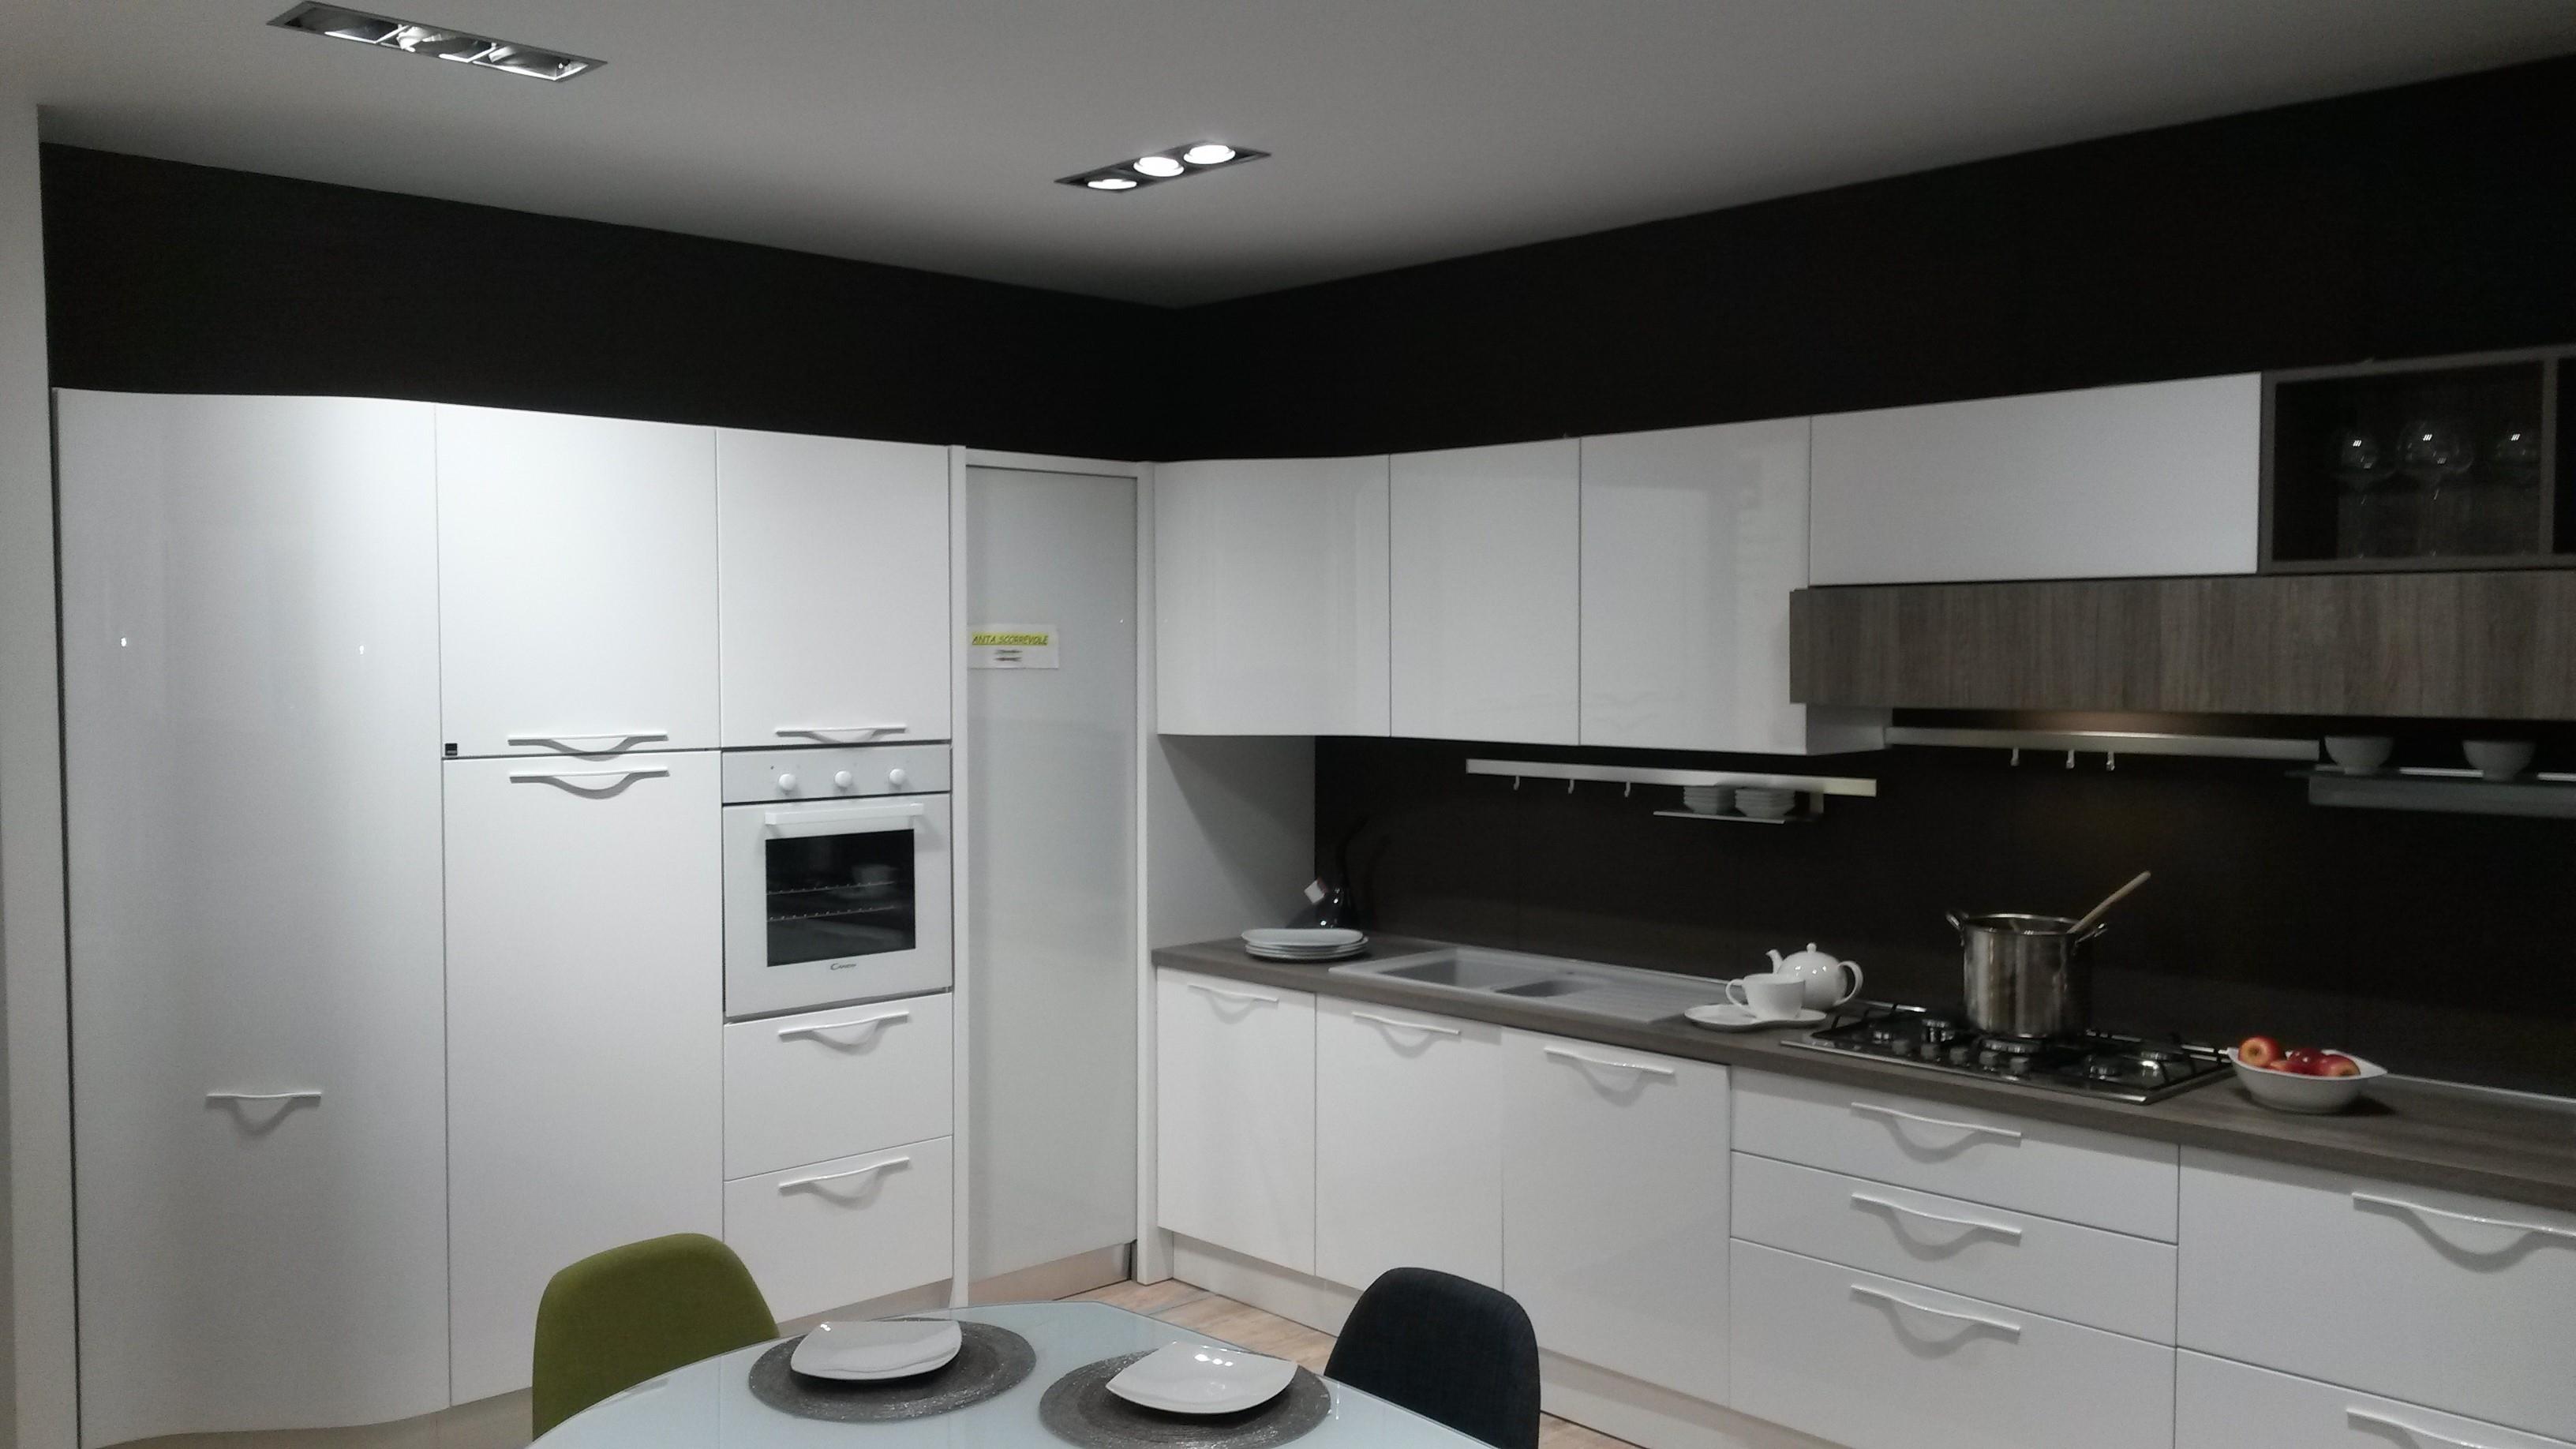 cucina aran cucine terra polimerico scontato del 53 cucine a prezzi scontati. Black Bedroom Furniture Sets. Home Design Ideas